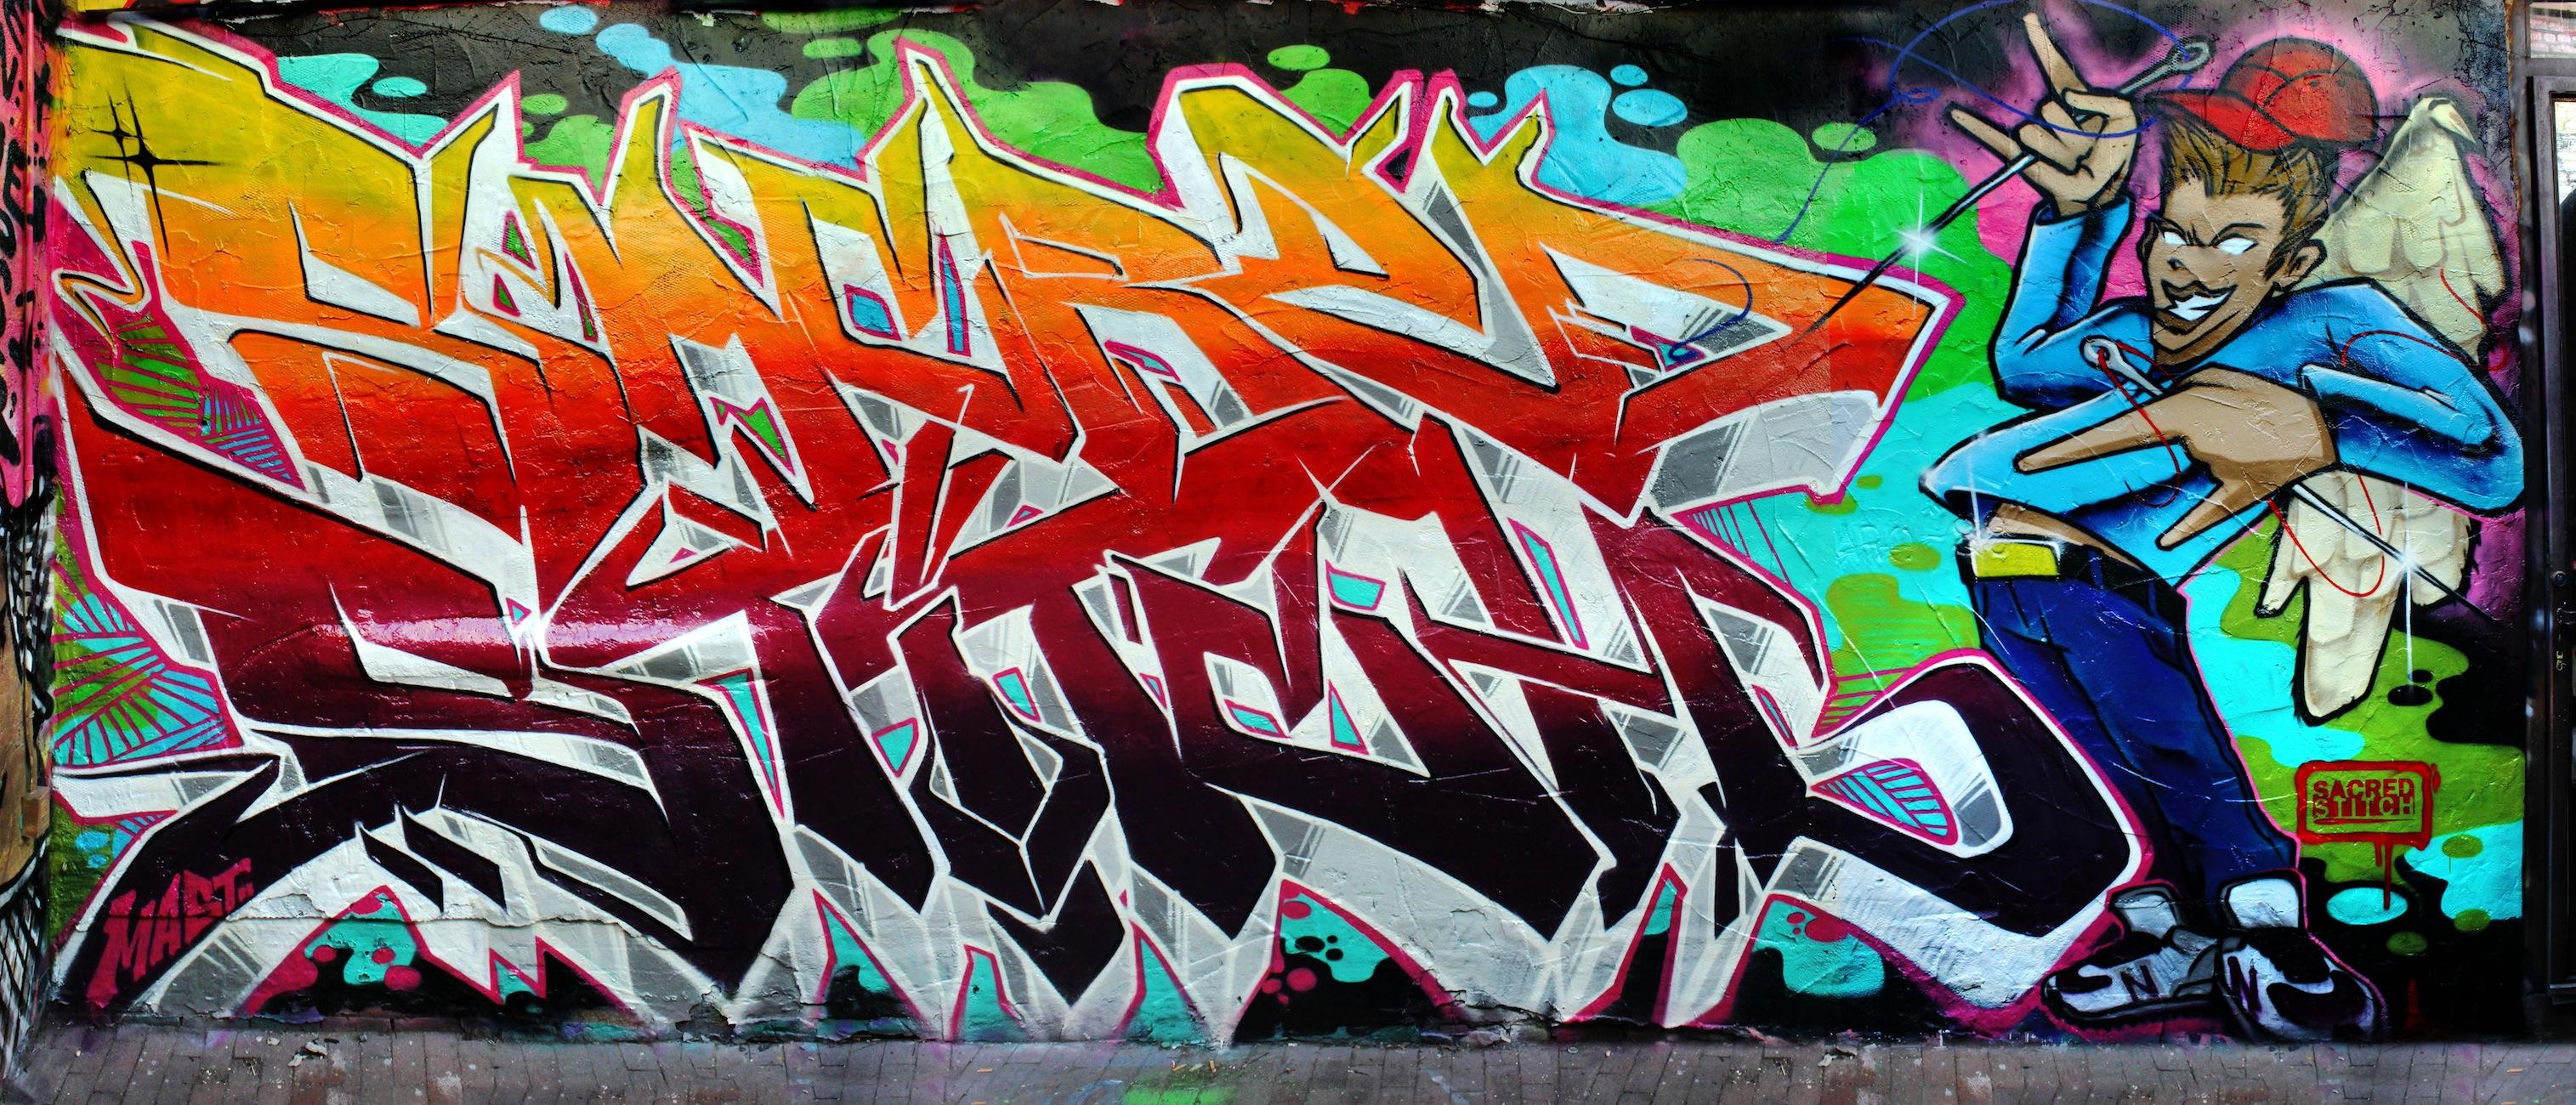 Favori Awesome Graffiti! [Archive] - MangaHaven MY63